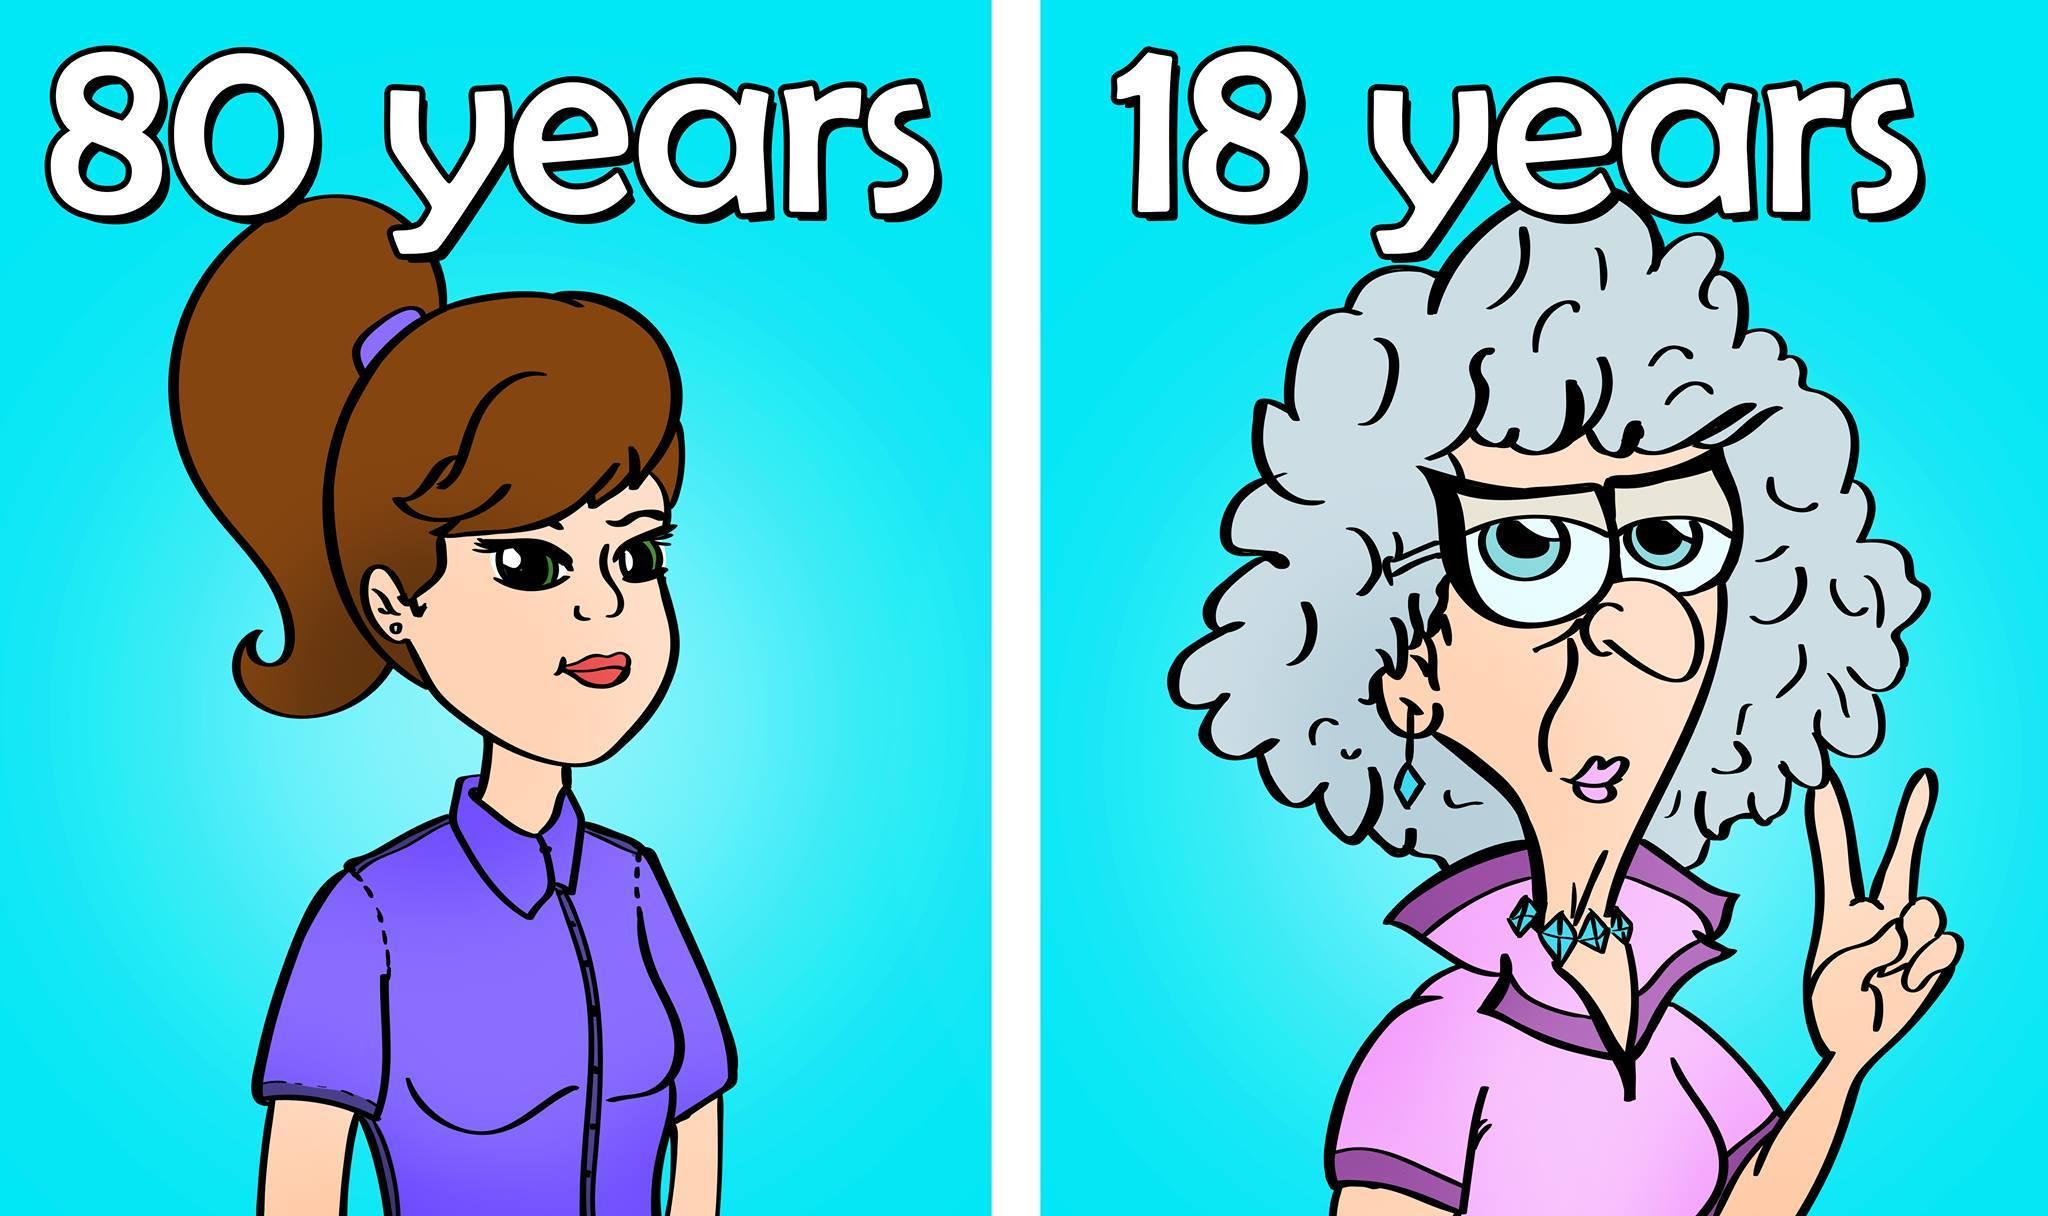 ما هوا العمر النفسي ؟ و كيف تعرف عمرك النفسي ؟